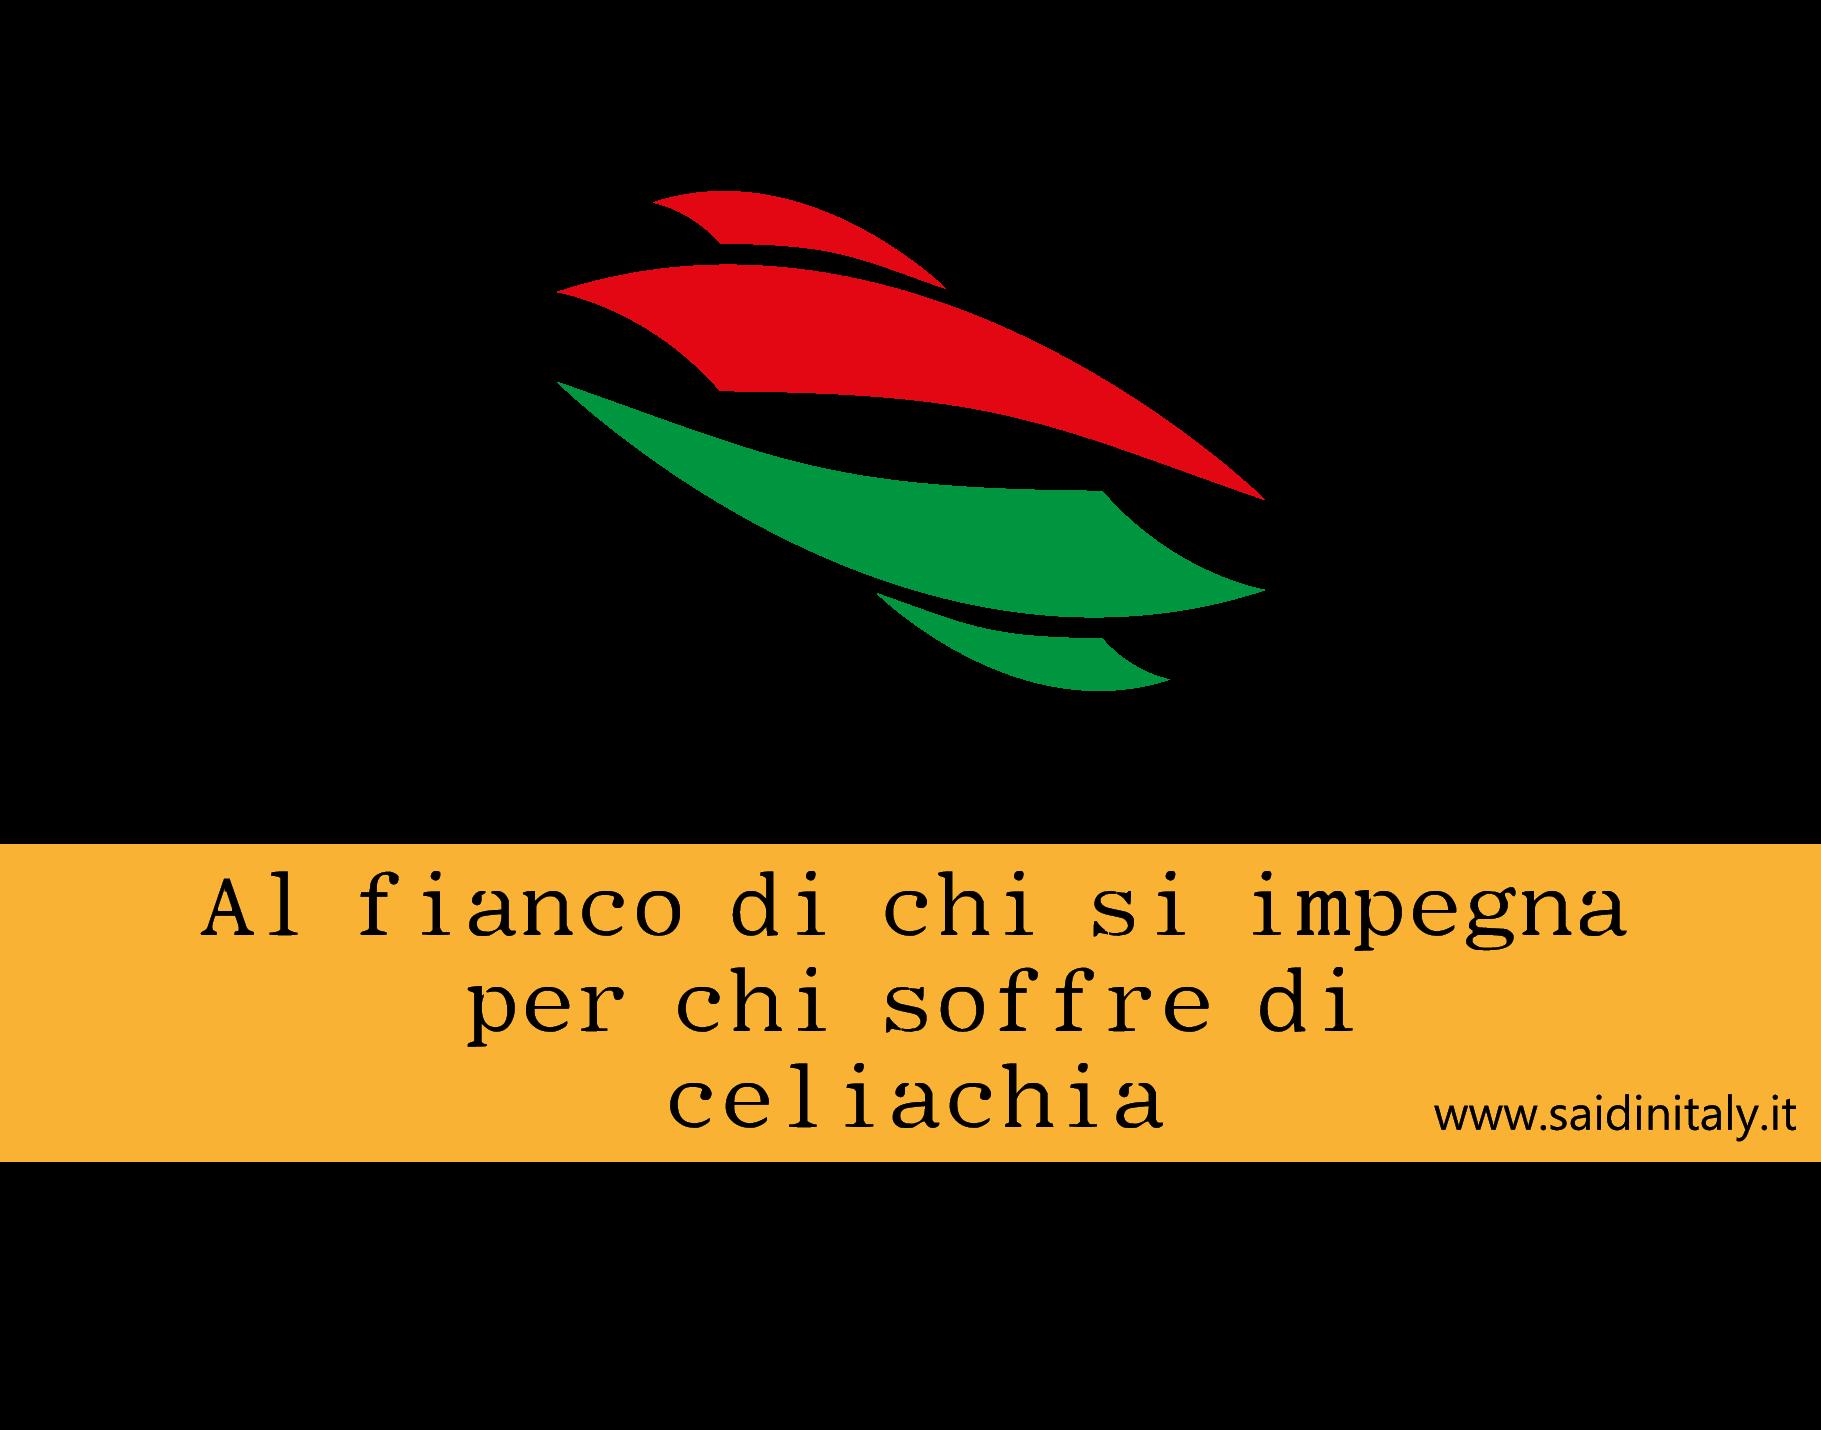 Logo_Def_SiI_Celiachia_2 www.saidinitaly.it